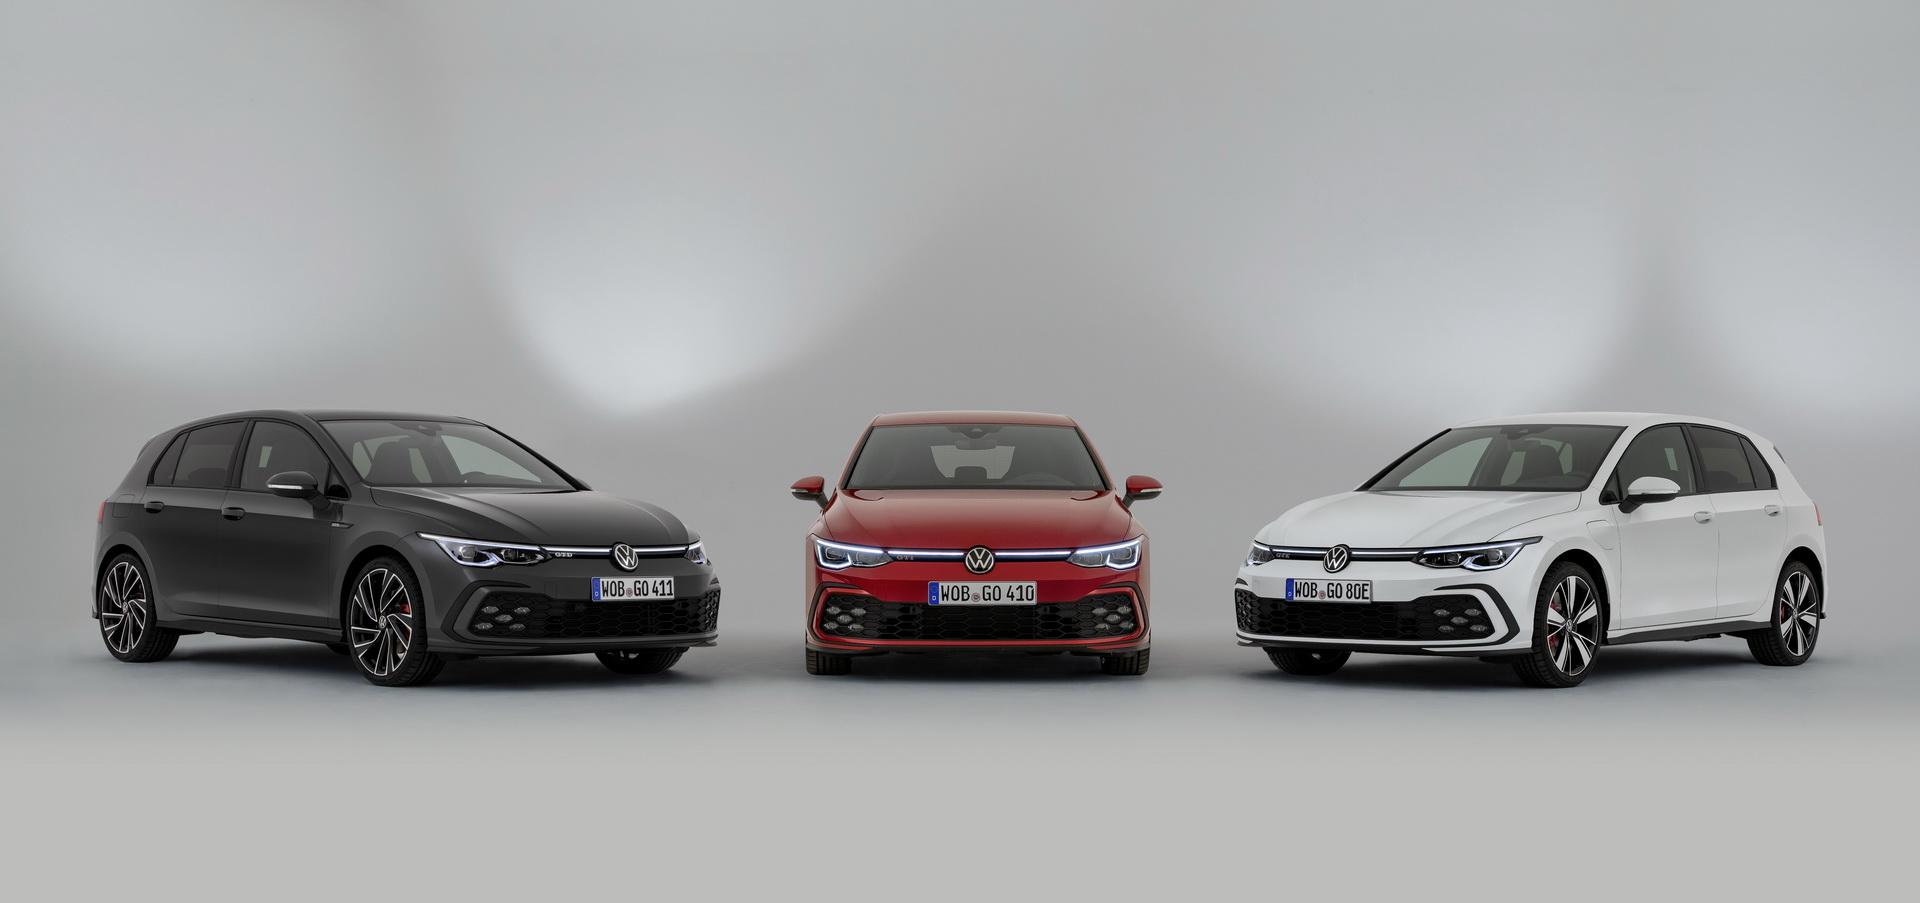 Nuova Volkswagen Golf 8, GTI, GTE, GTD i dati tecnici in anteprima